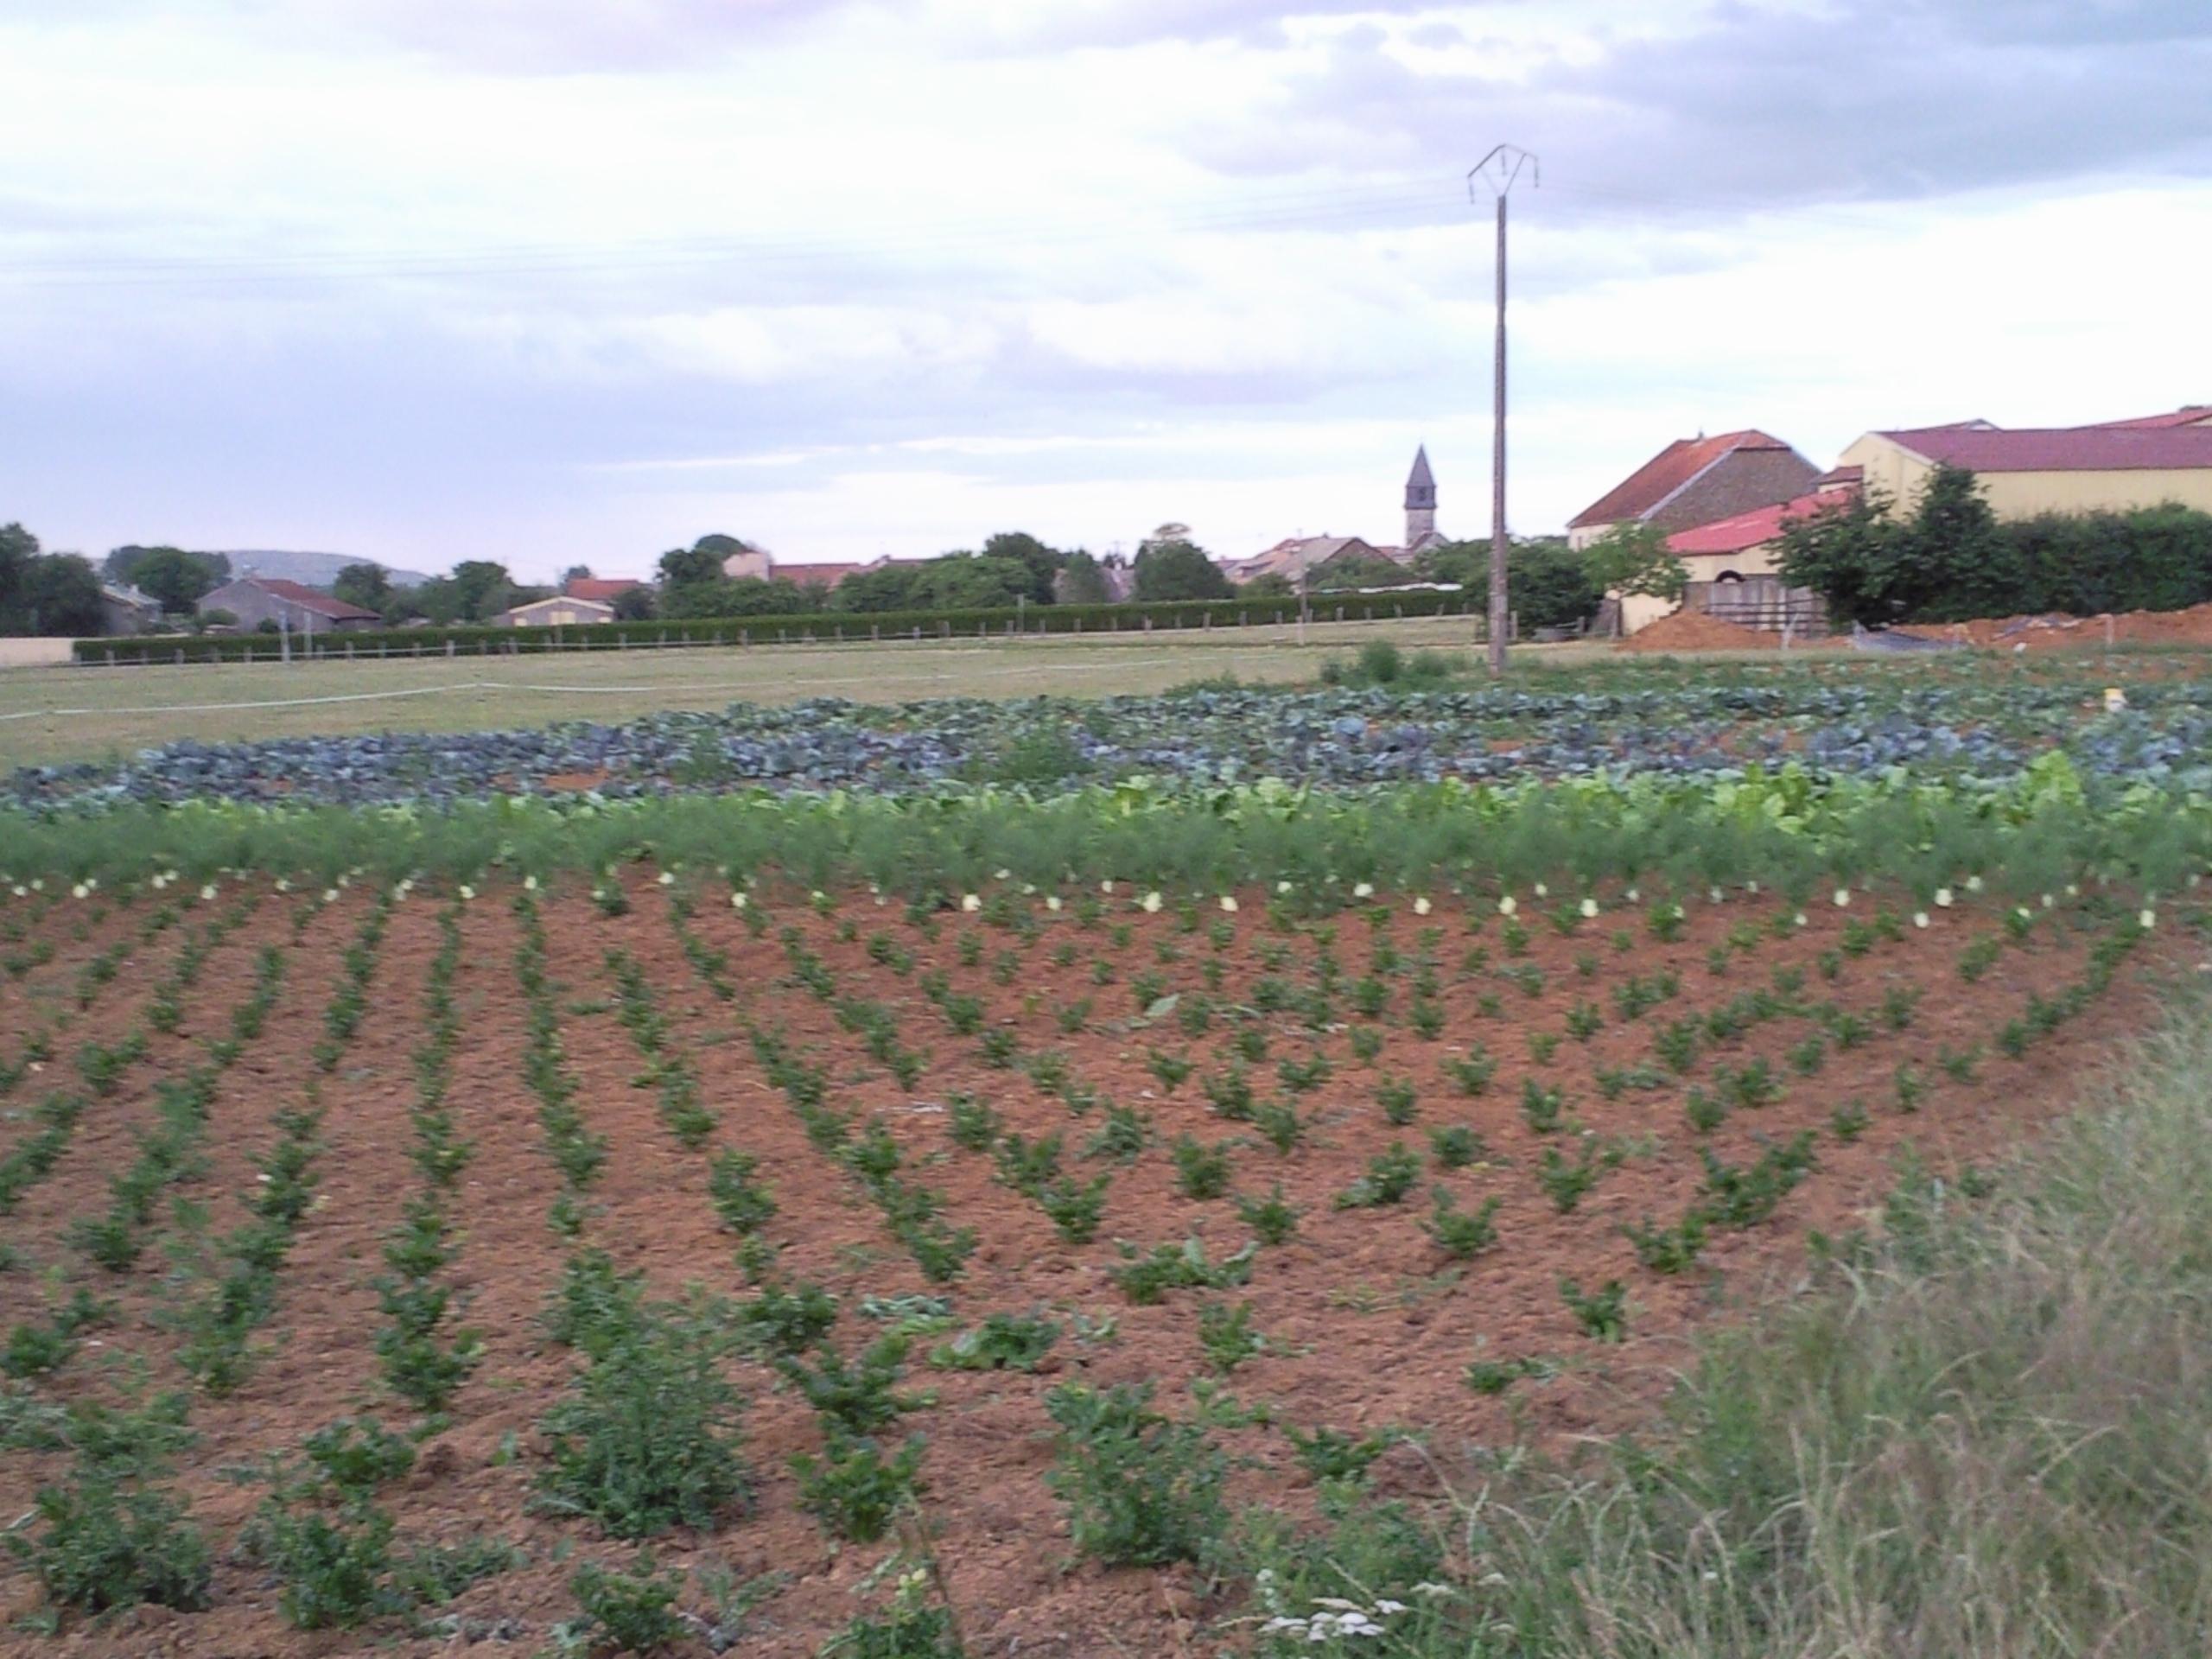 Le champ et les légumes en place